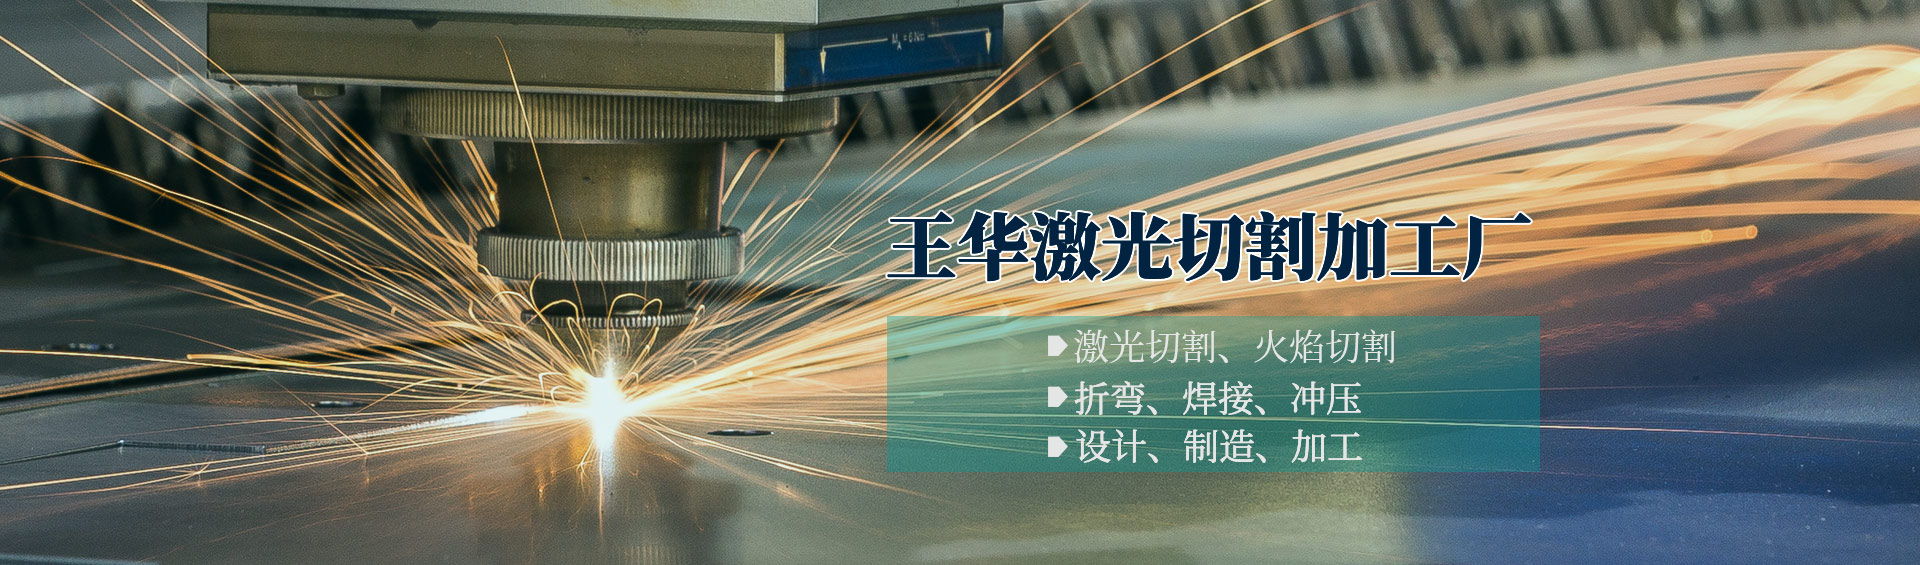 重庆激光切割加工厂